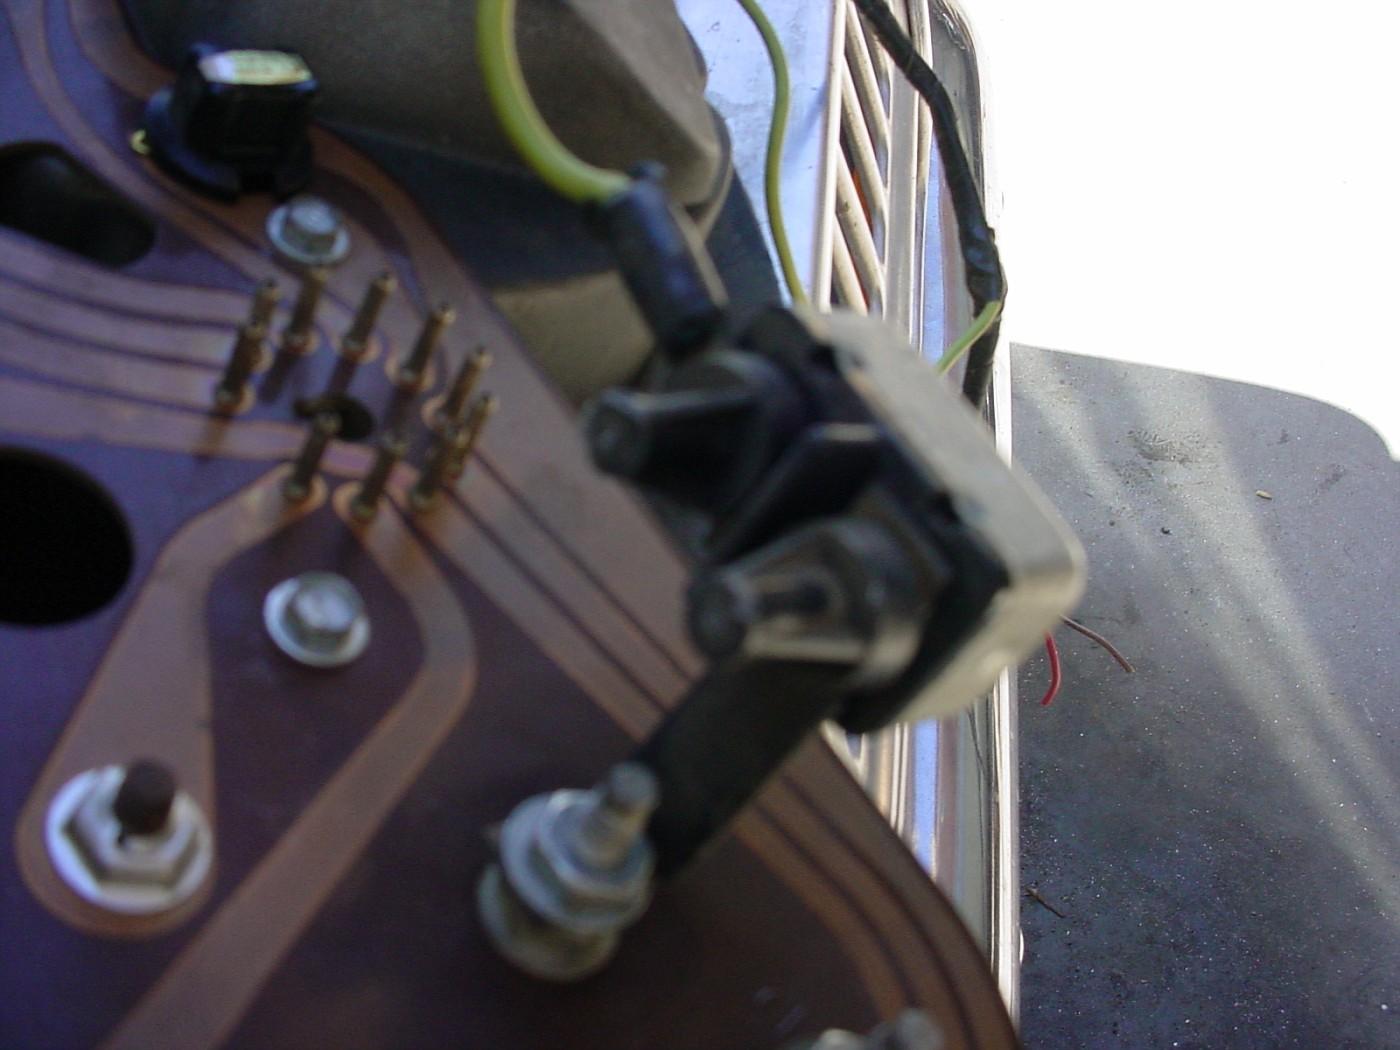 Dodge B-van Instrument cluster.